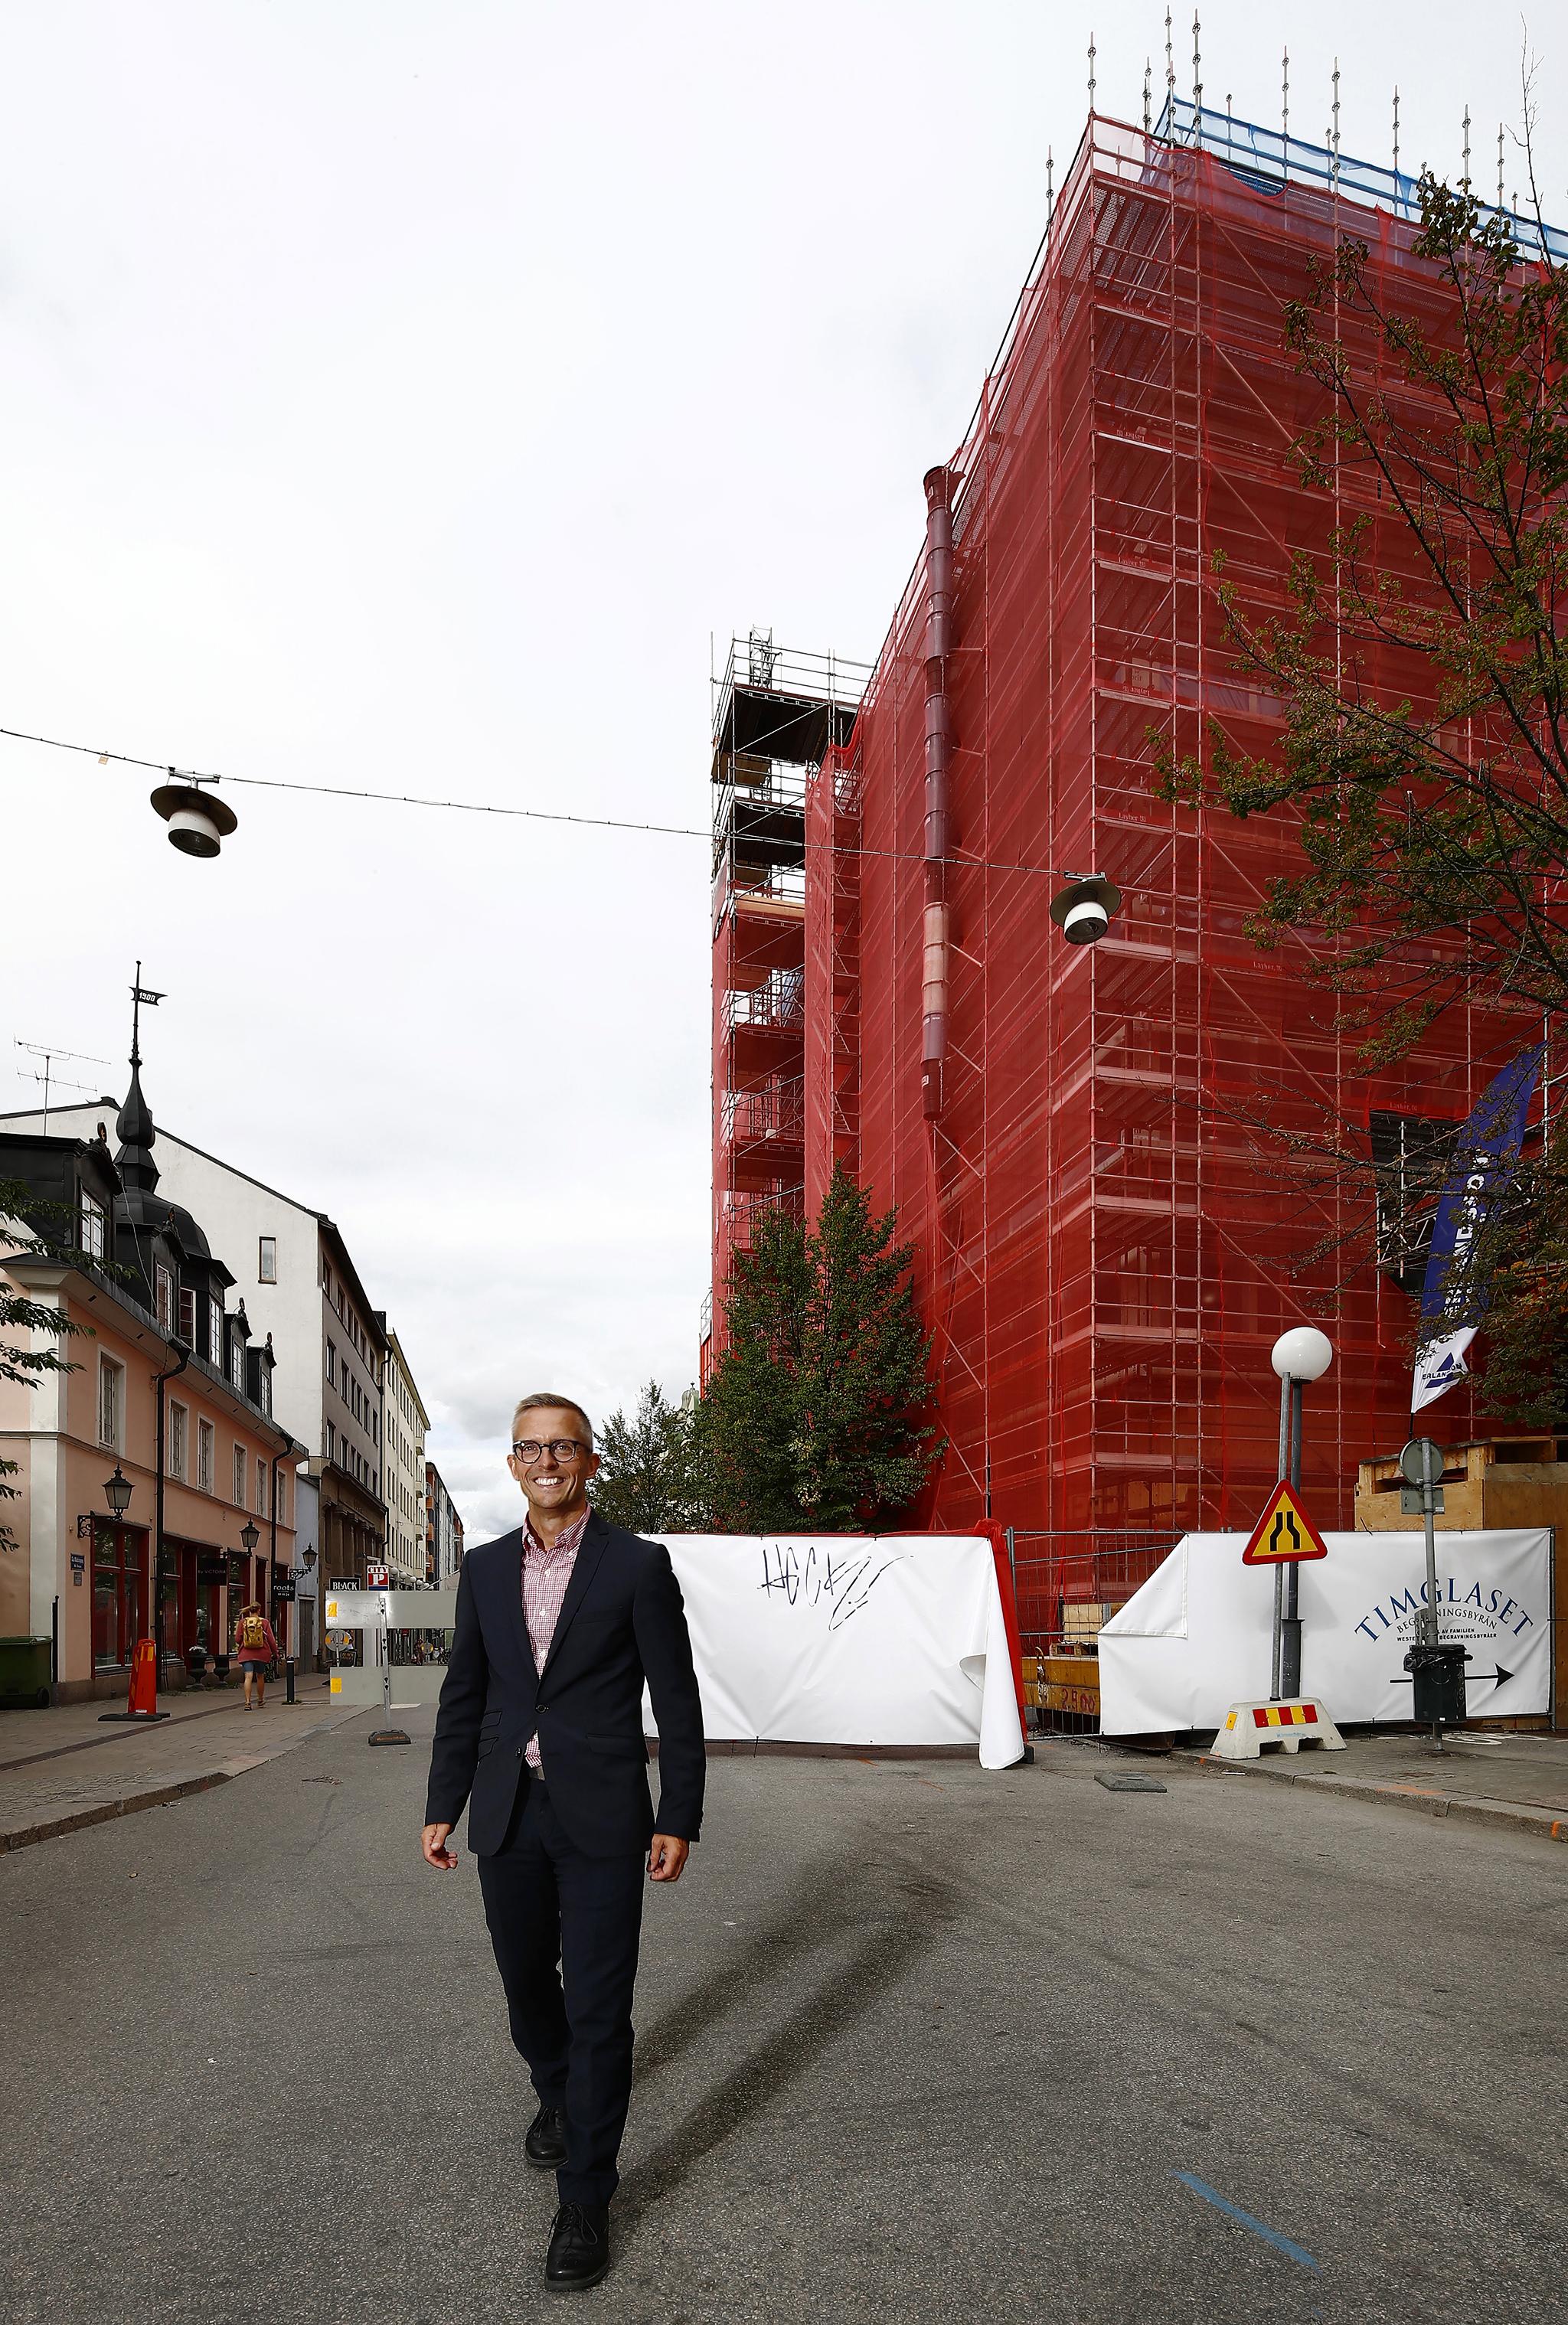 160902 Sven Eggefalk, VD för Länsförsäkringar Östgöta 2 september 2016 i Norrköping. Foto: Peter Holgersson AB